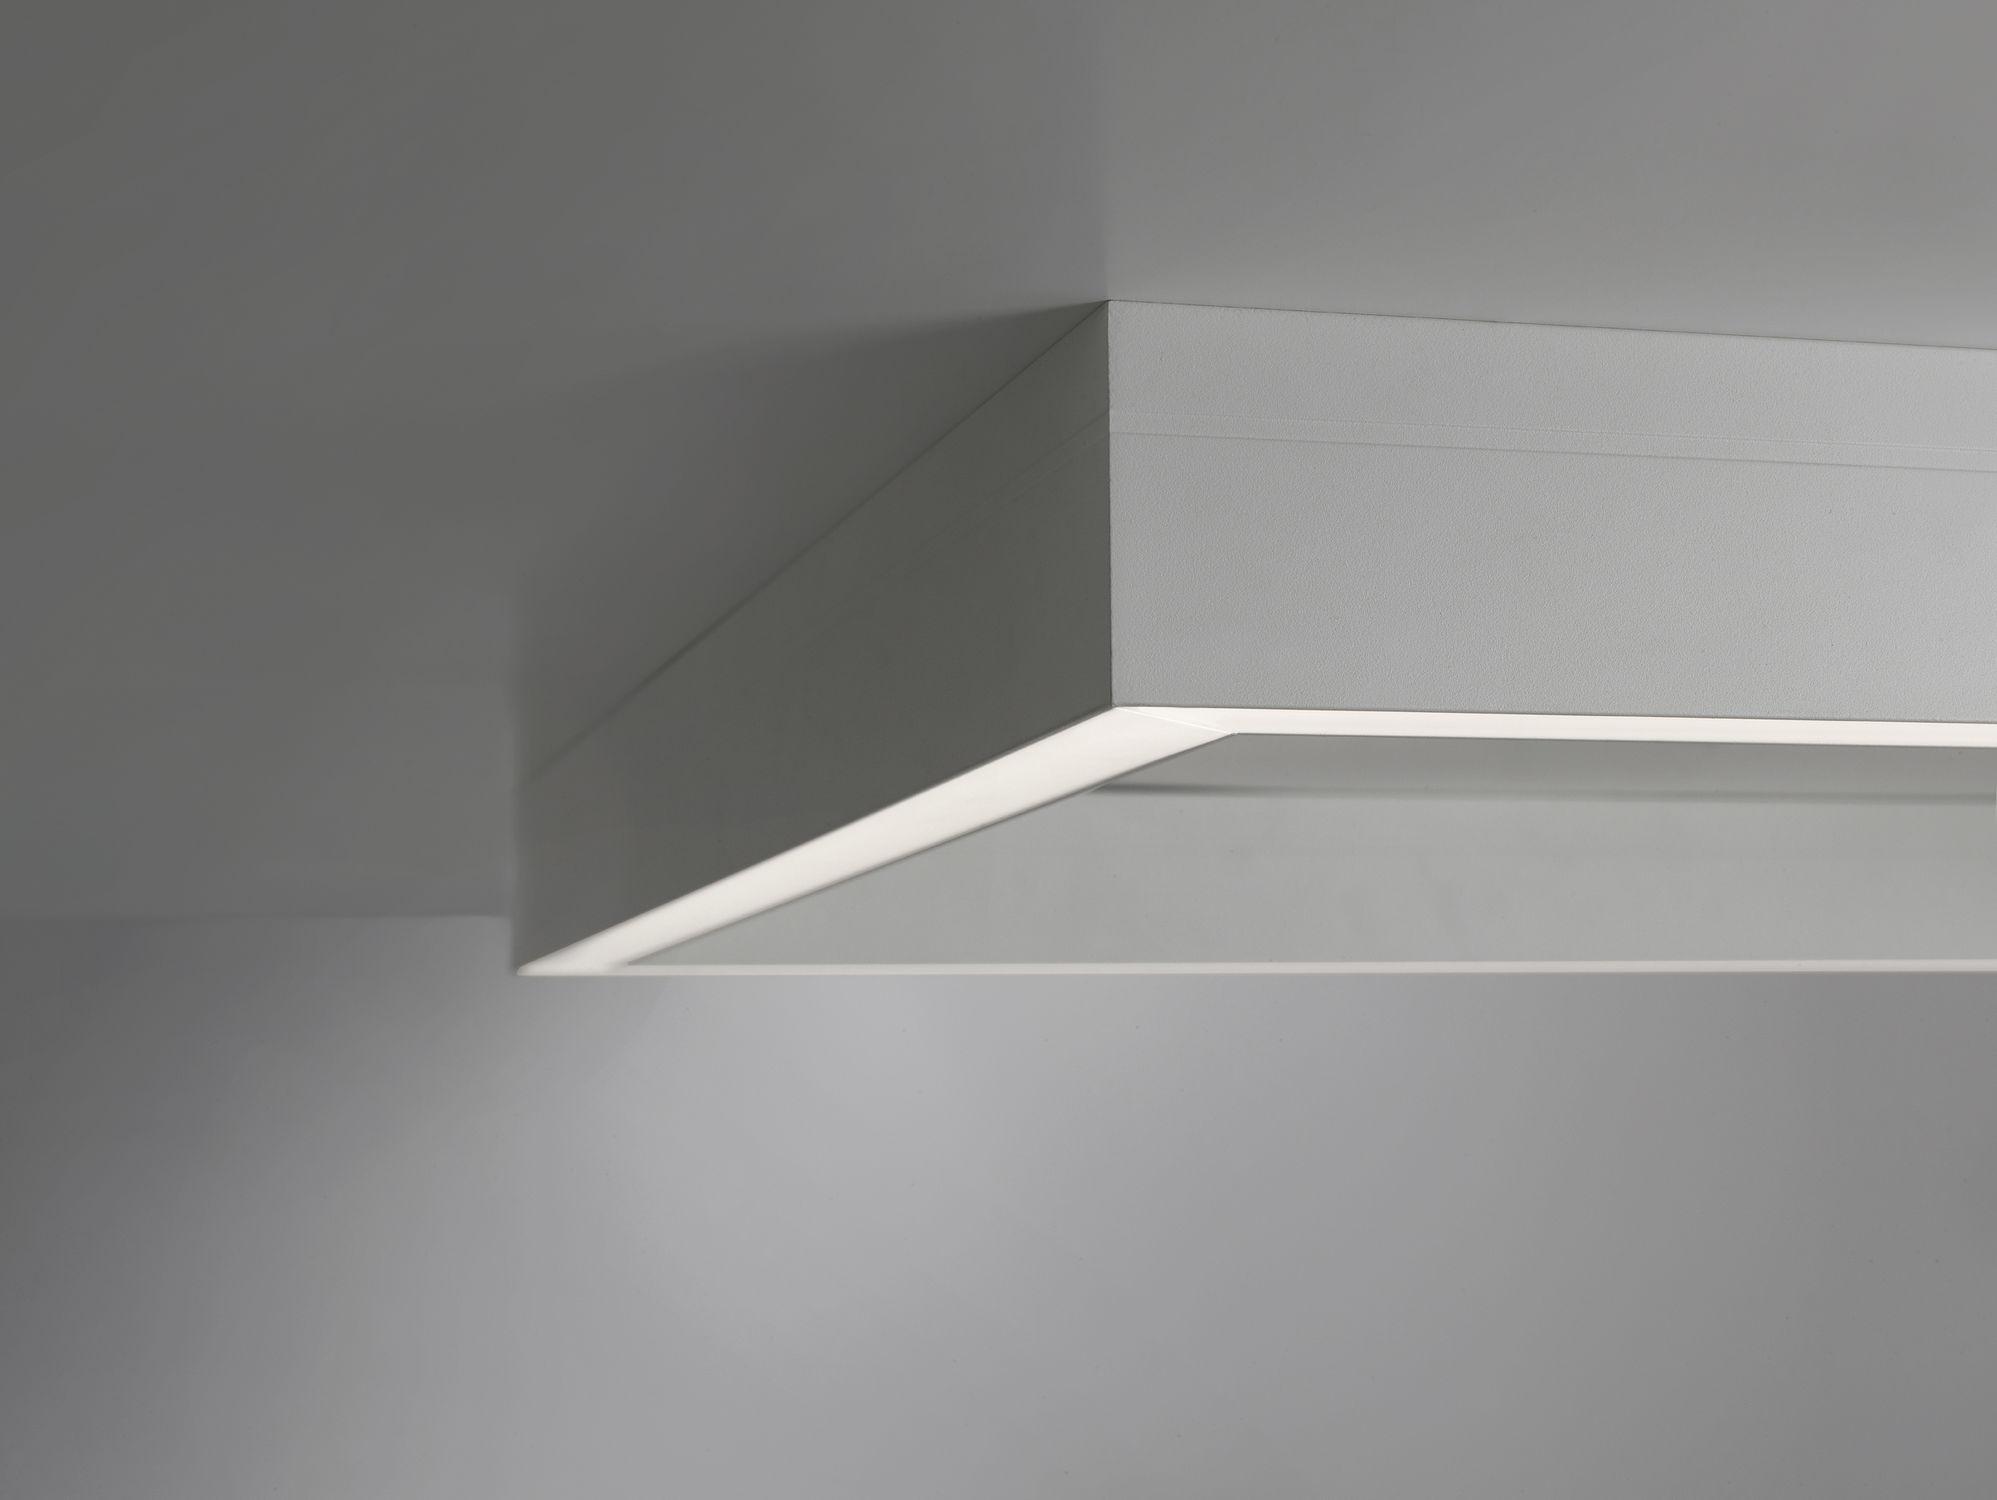 Plafoniera Led Slim Quadrata : Plafoniera moderna quadrata in alluminio